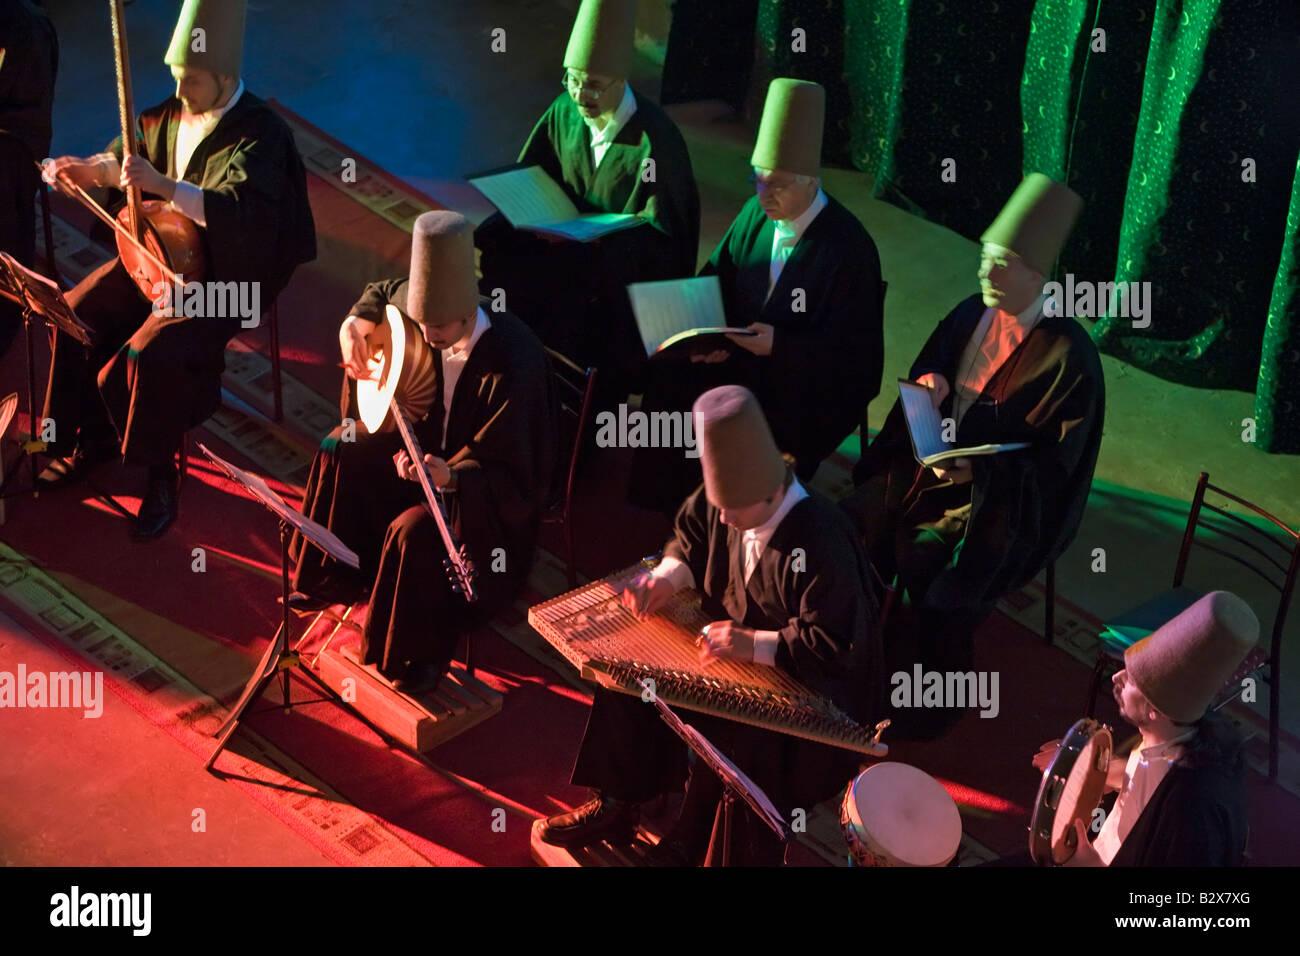 Musiciens jouant de la musique soufie au cours de la cérémonie par la Sema savent que les derviches Mevlevi Whirling Istanbul Turquie Banque D'Images